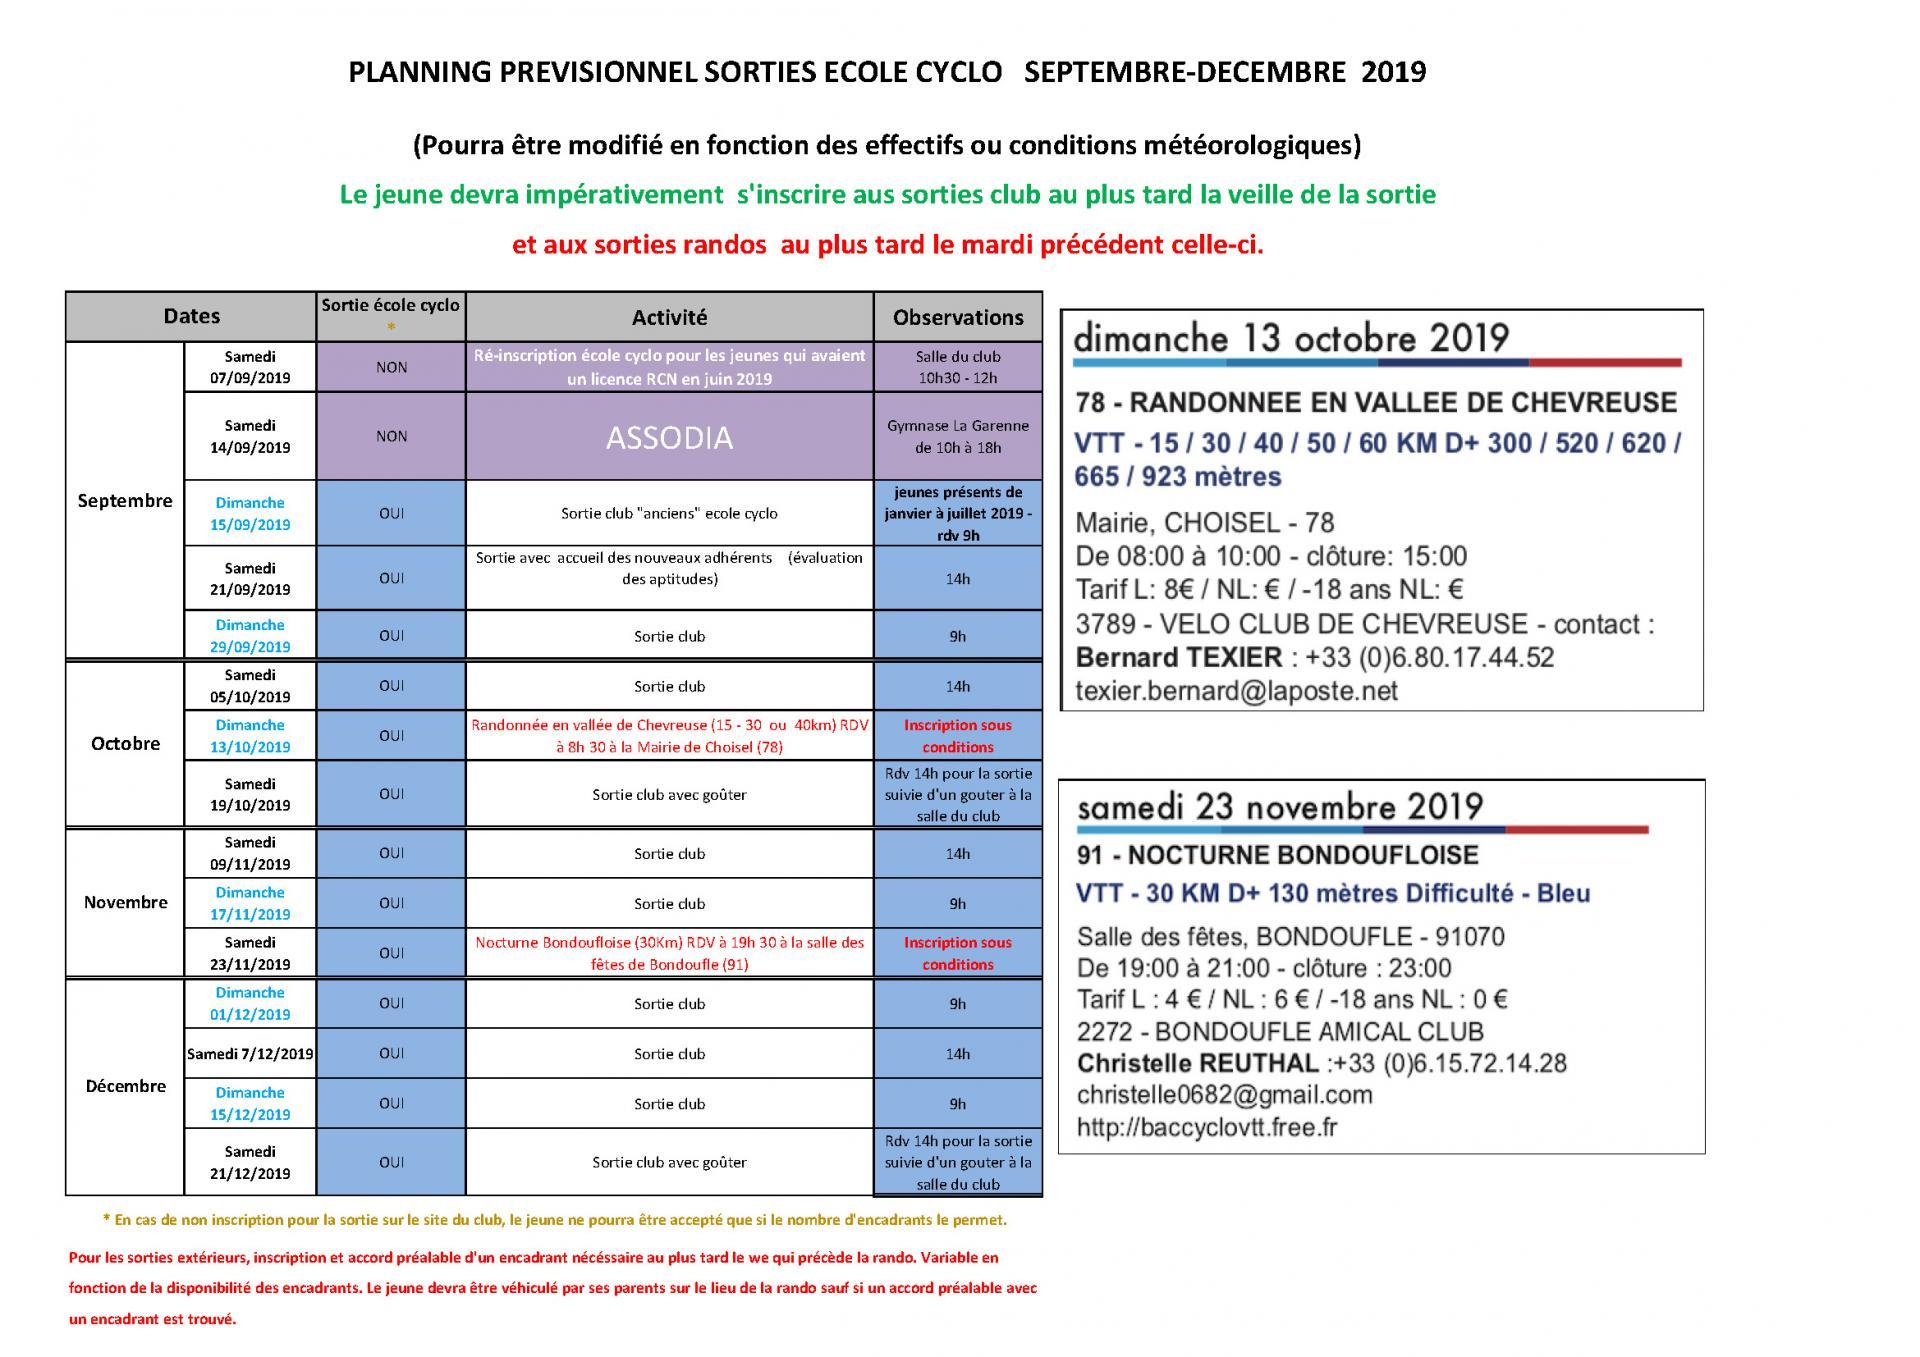 Planning ecole cyclo septembre a decembre 2020